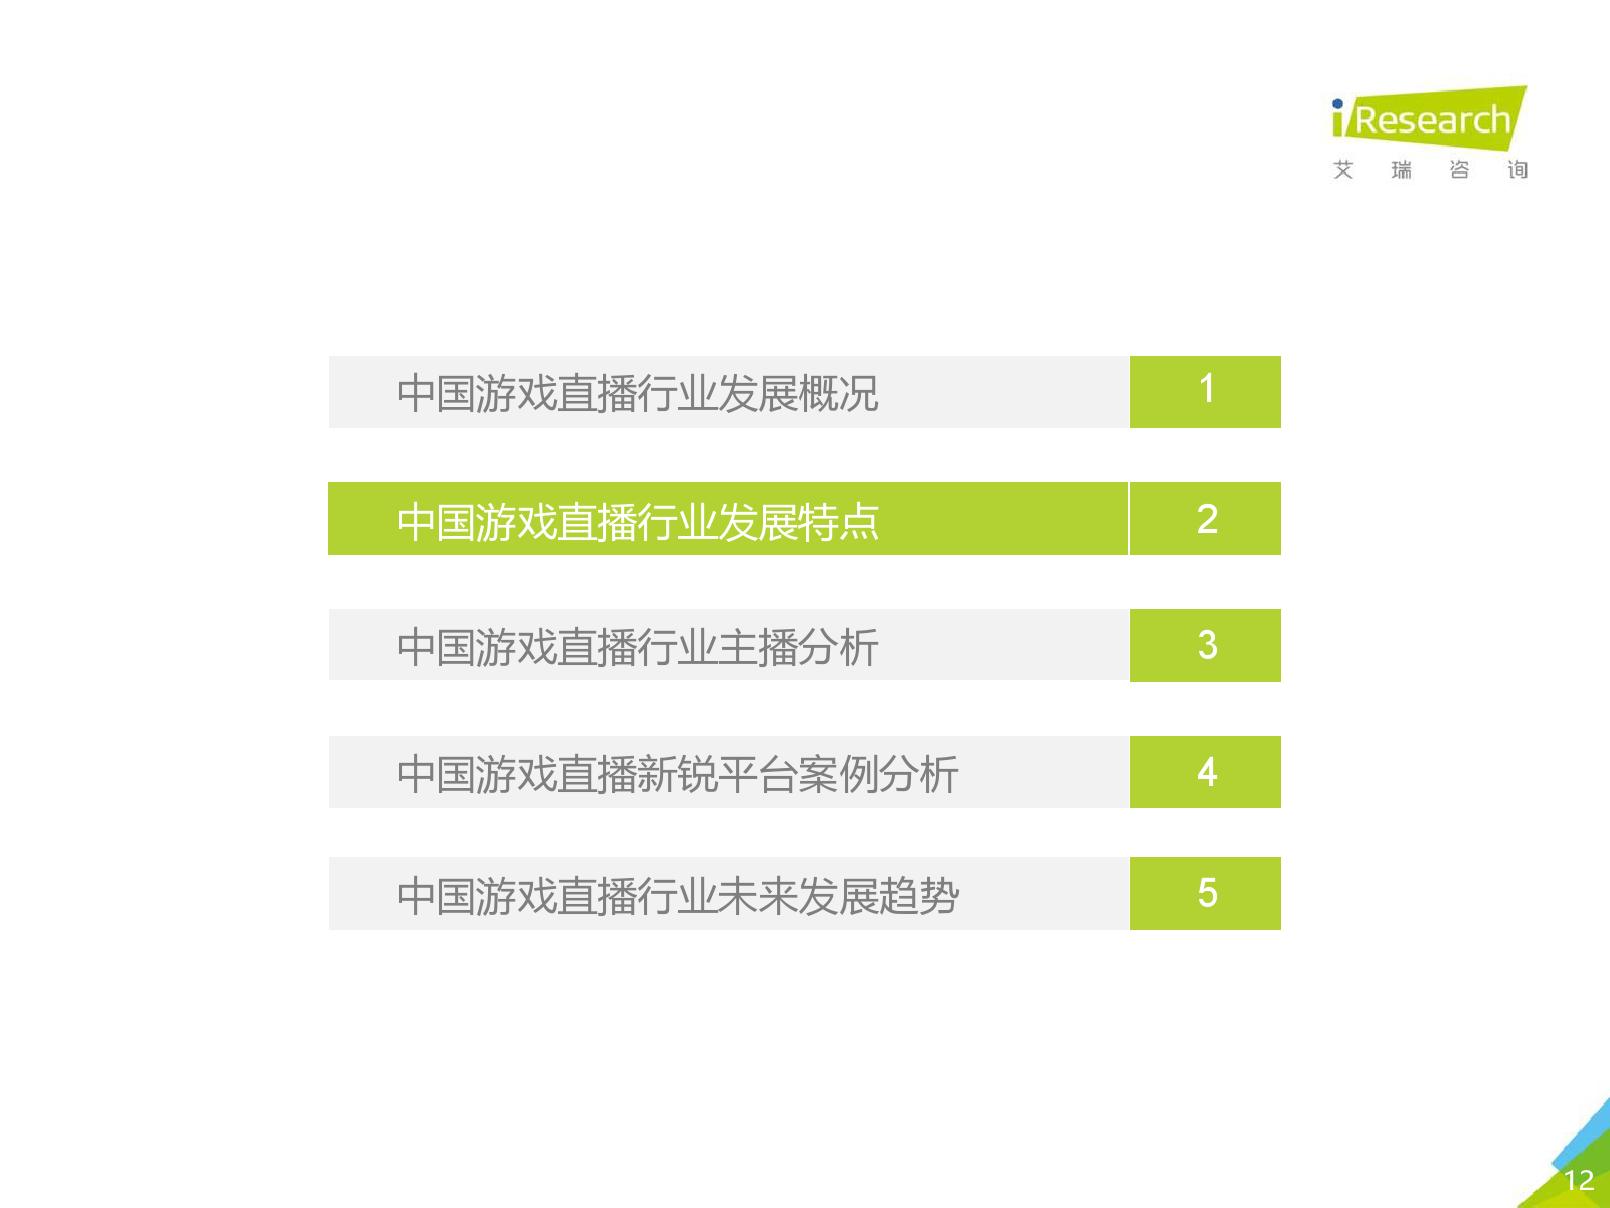 艾瑞咨询:2020年中国游戏直播行业研究报告(可下载报告)插图(23)